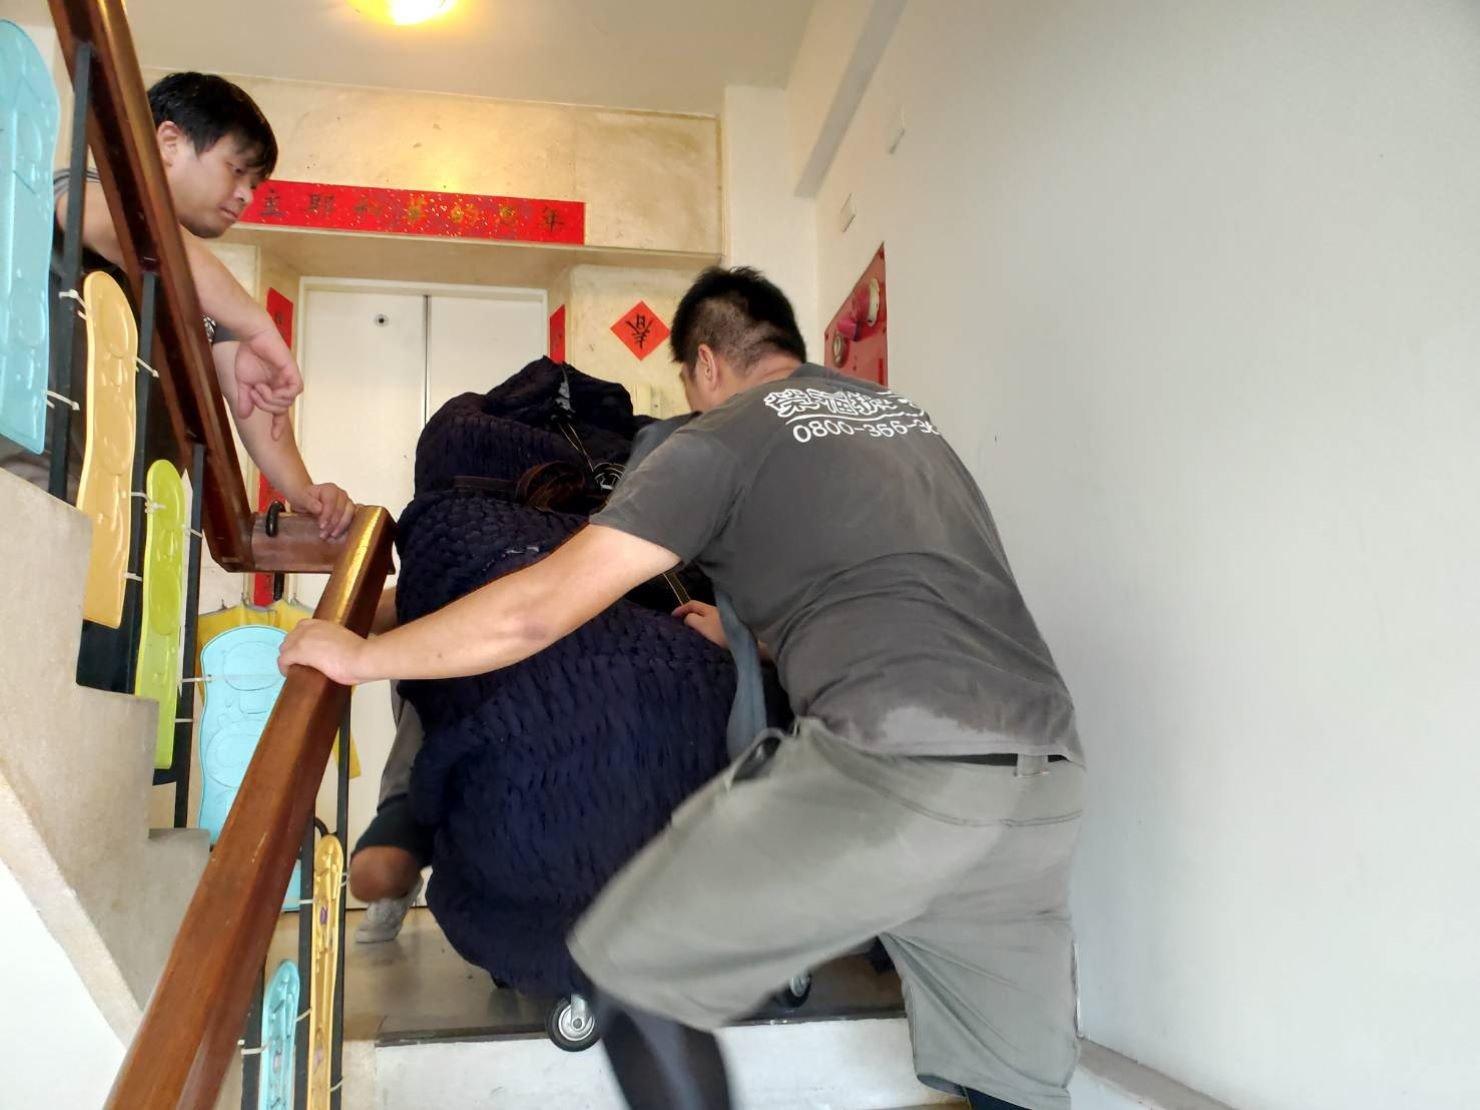 搬家推薦【榮福搬家】搬家口碑第一、台北搬家、新北搬家:搬按摩椅-專搬重物的榮福搬家公司以樓梯搬運破百公斤的按摩椅,搬運前會先以伸縮布套將其作保護,避免碰撞、磨損刮傷,高超的搬運技巧安全將按摩椅搬運至1樓搬家貨車上固定擺放。